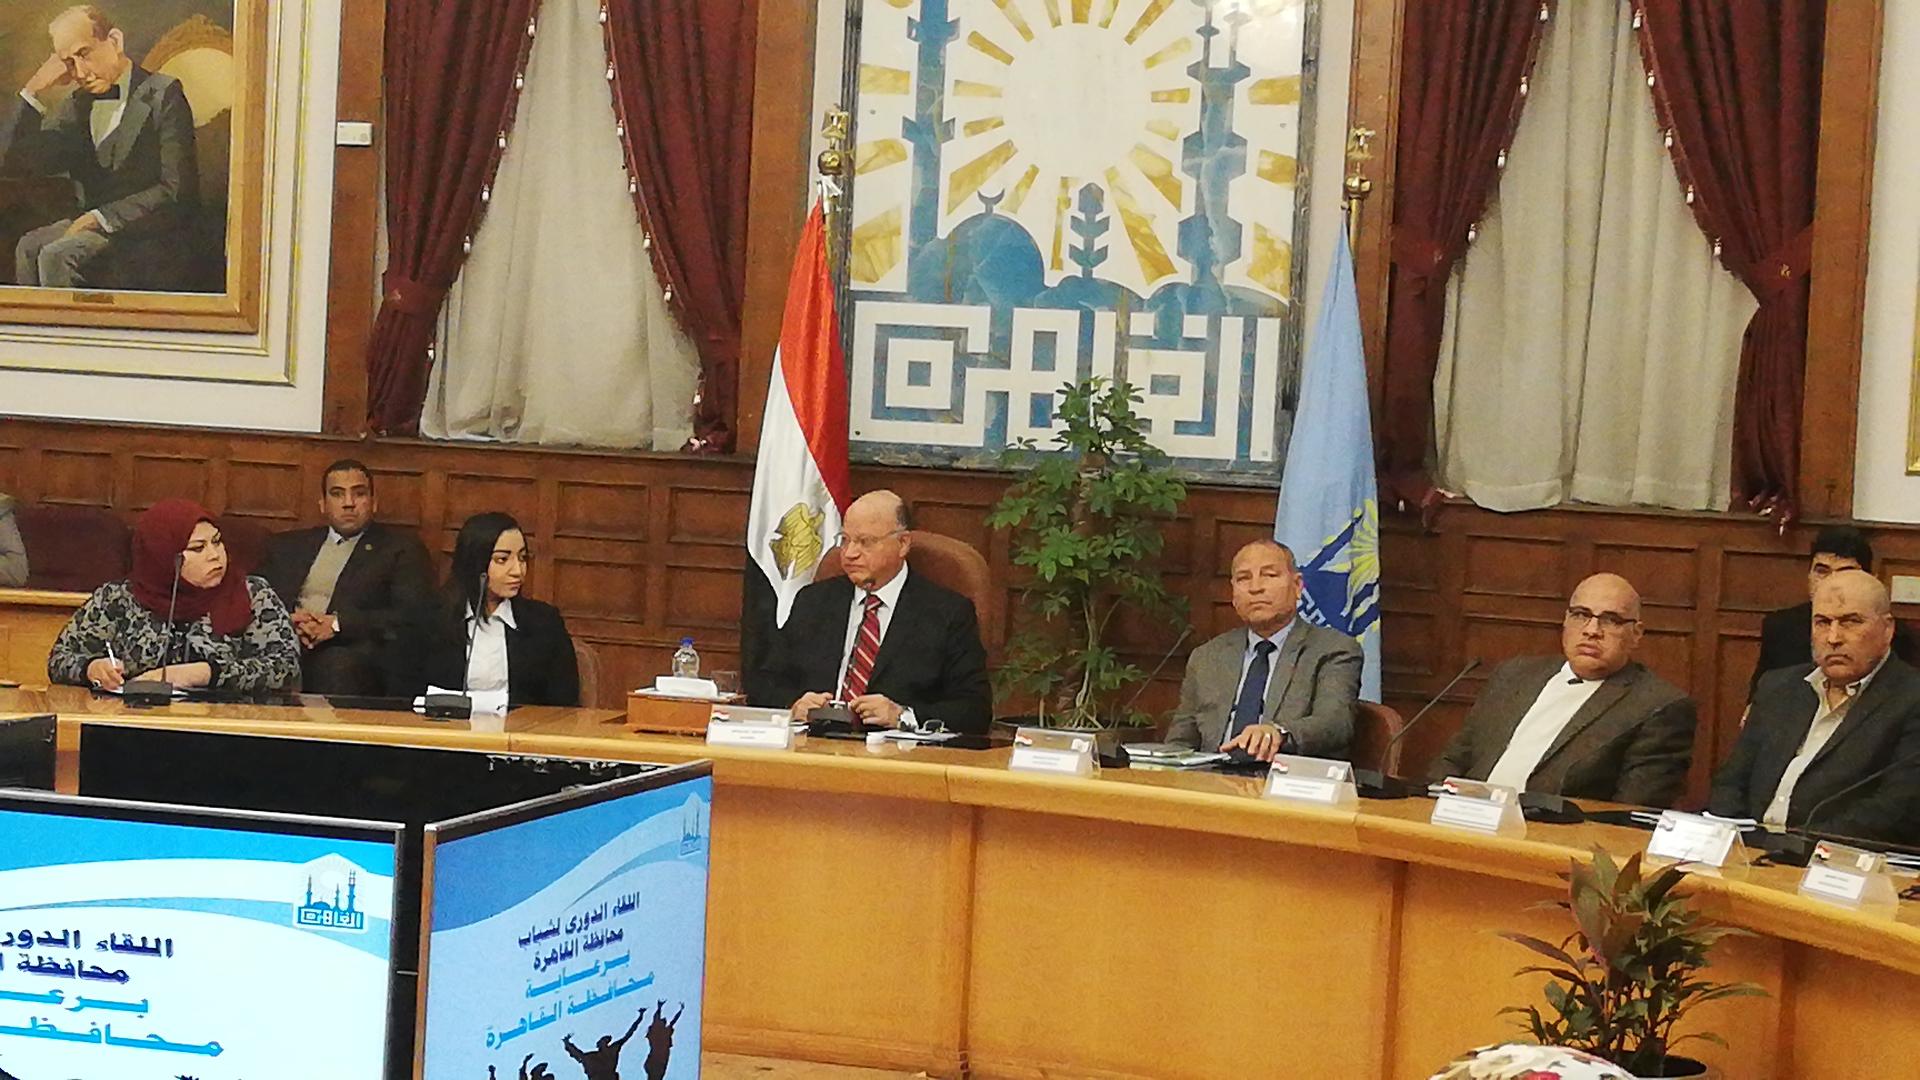 لقاء محافظ القاهرة بالشباب (1)